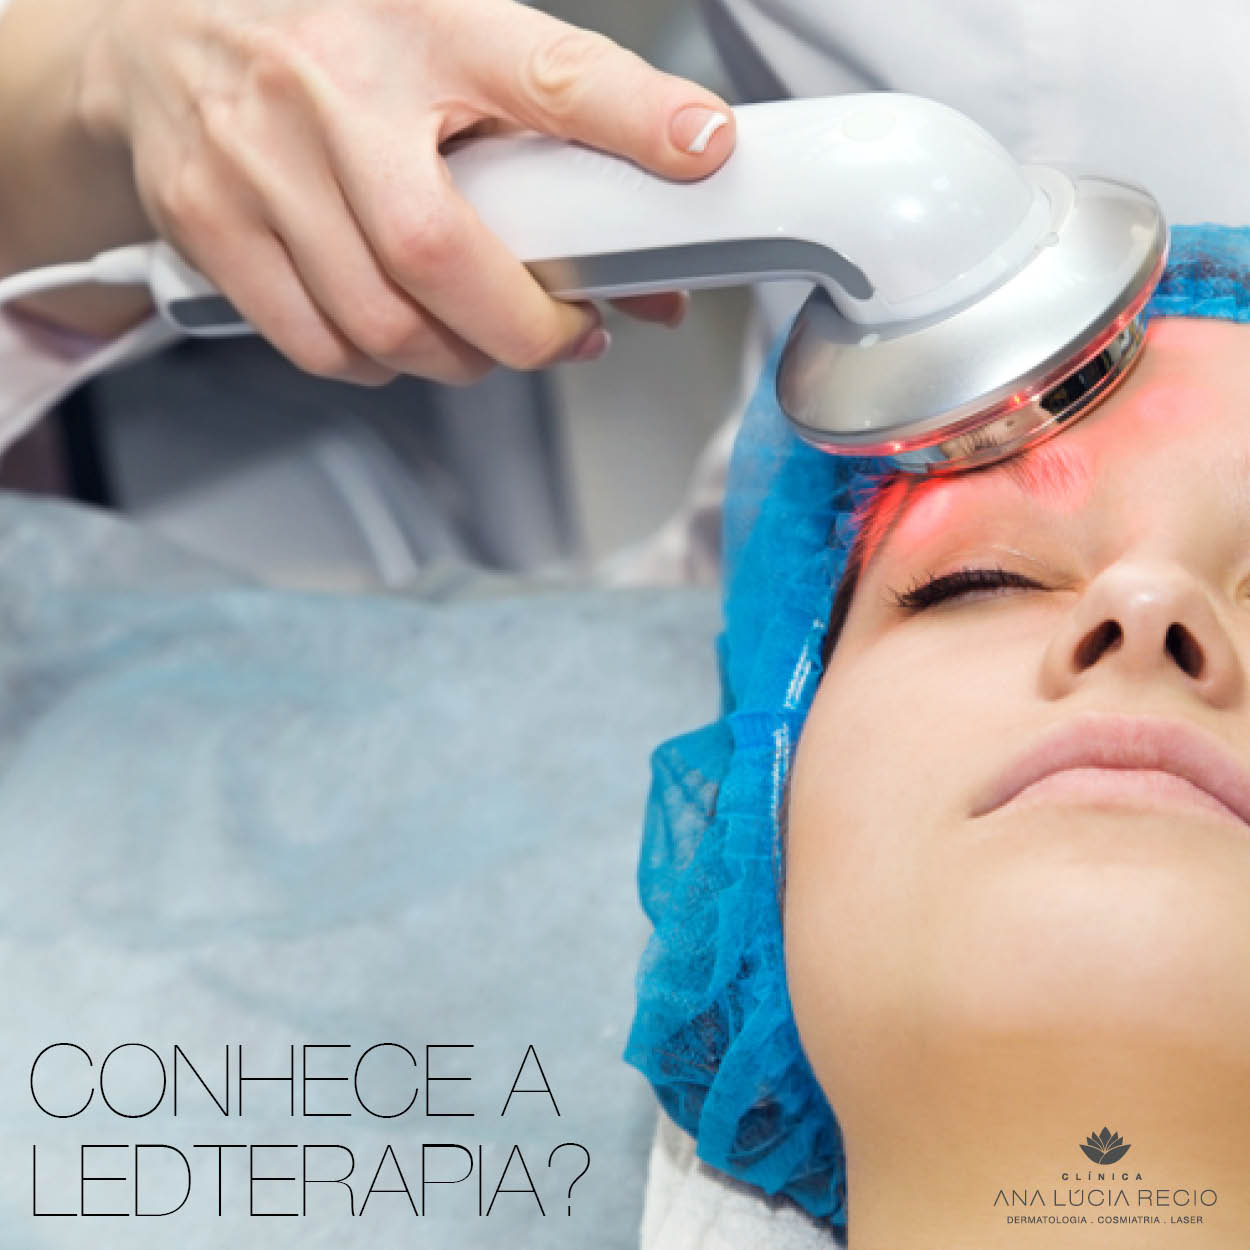 Tendência na dermatologia: fotobiomodulação